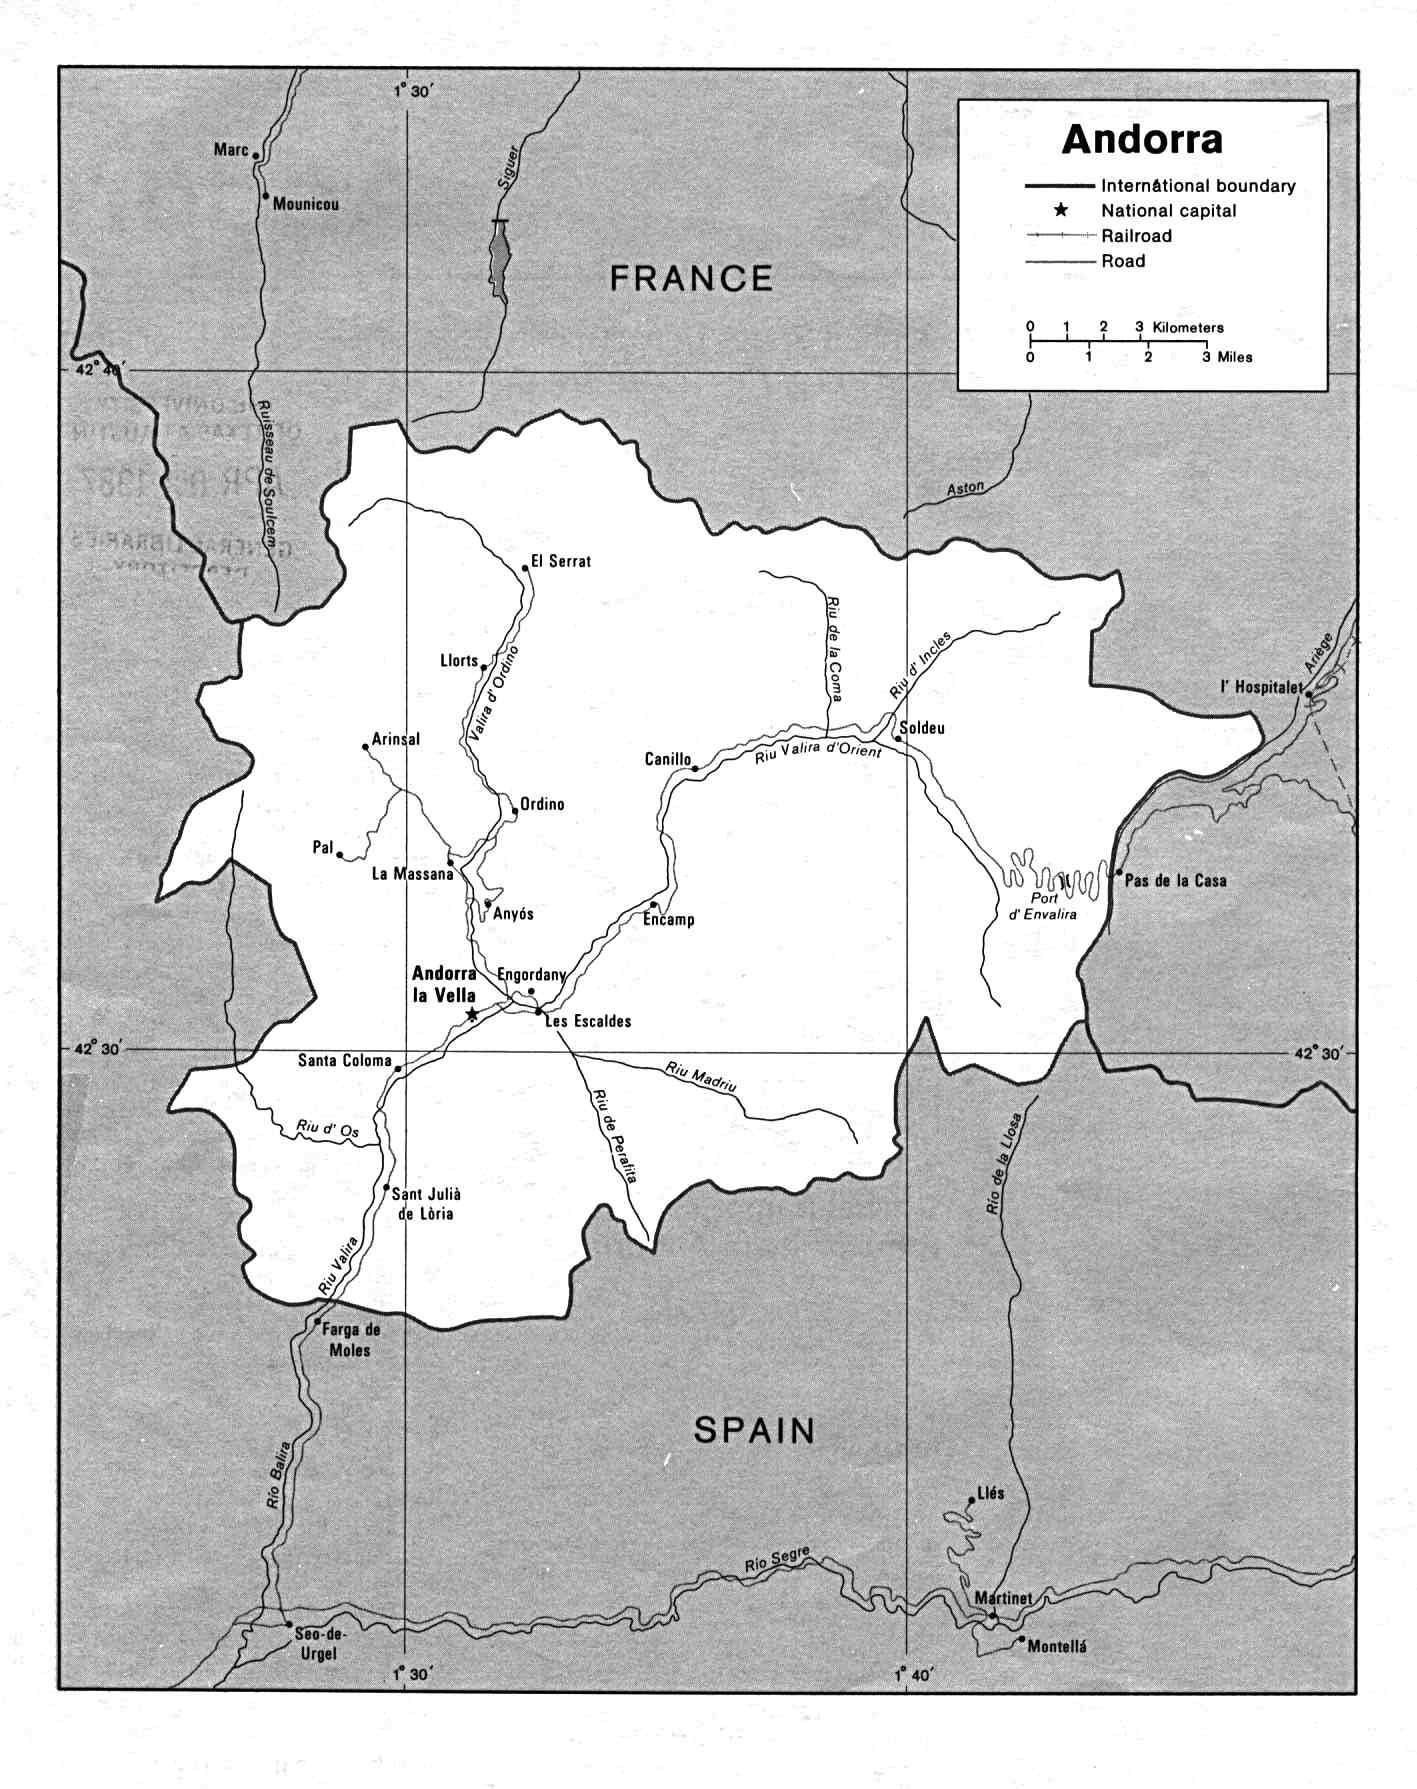 安道尔地图 欧洲地图 europe maps 世界地图 美景旅游